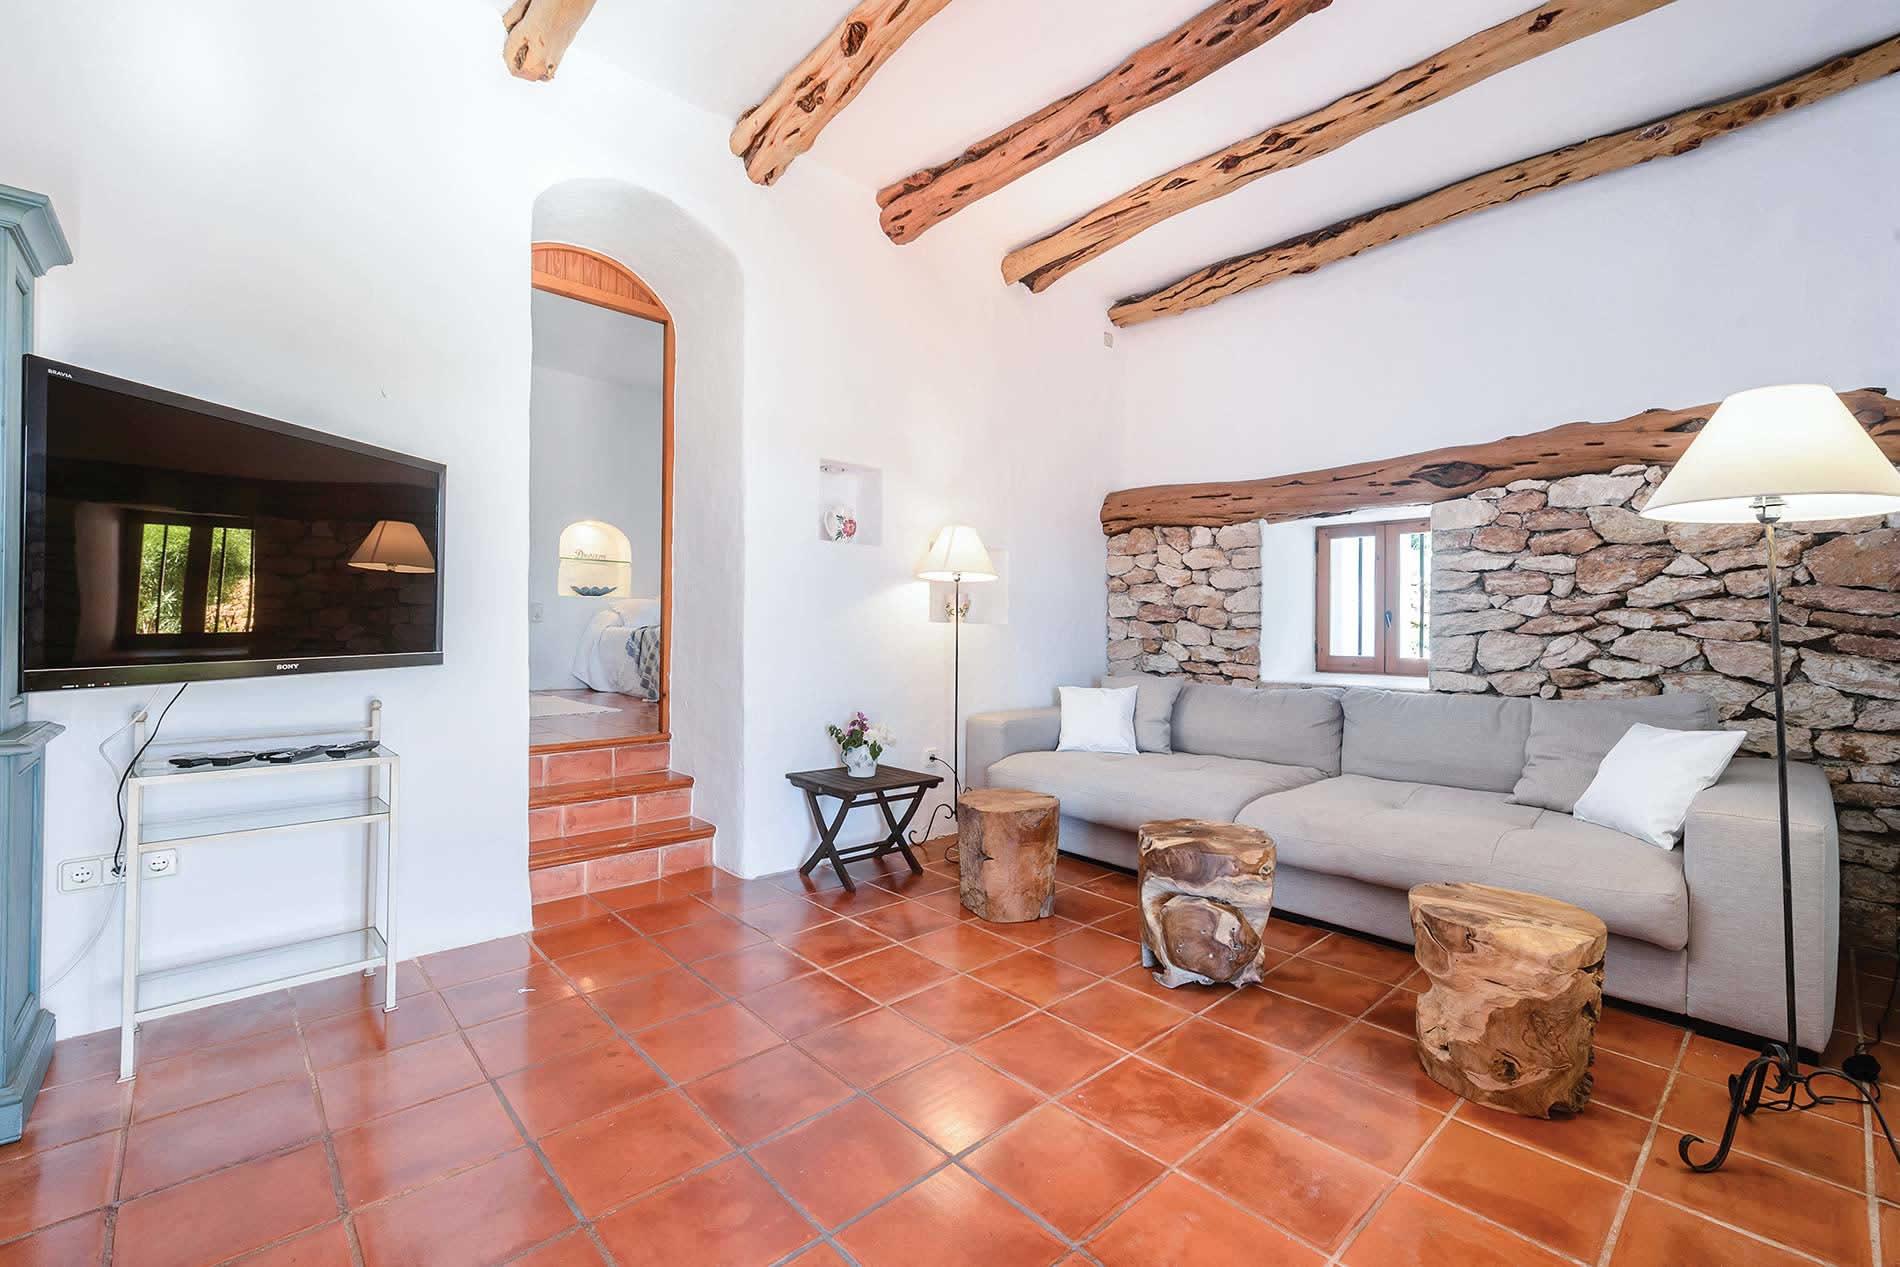 Villa Patri in San Carlos - sleeps 4 people